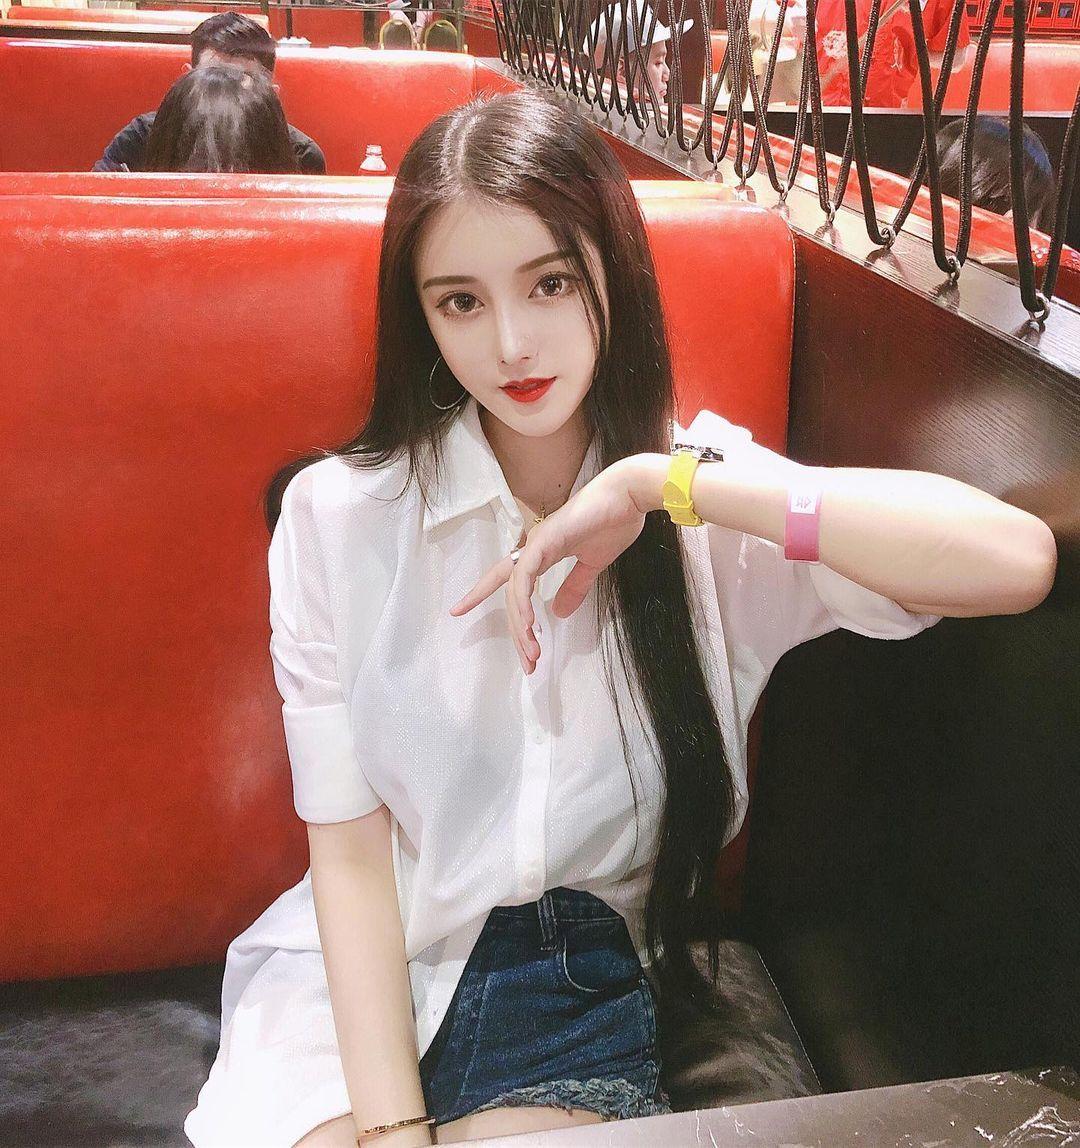 辣妹Candice林梦恬傲人身材美艳外型超极品 吃瓜基地 第3张